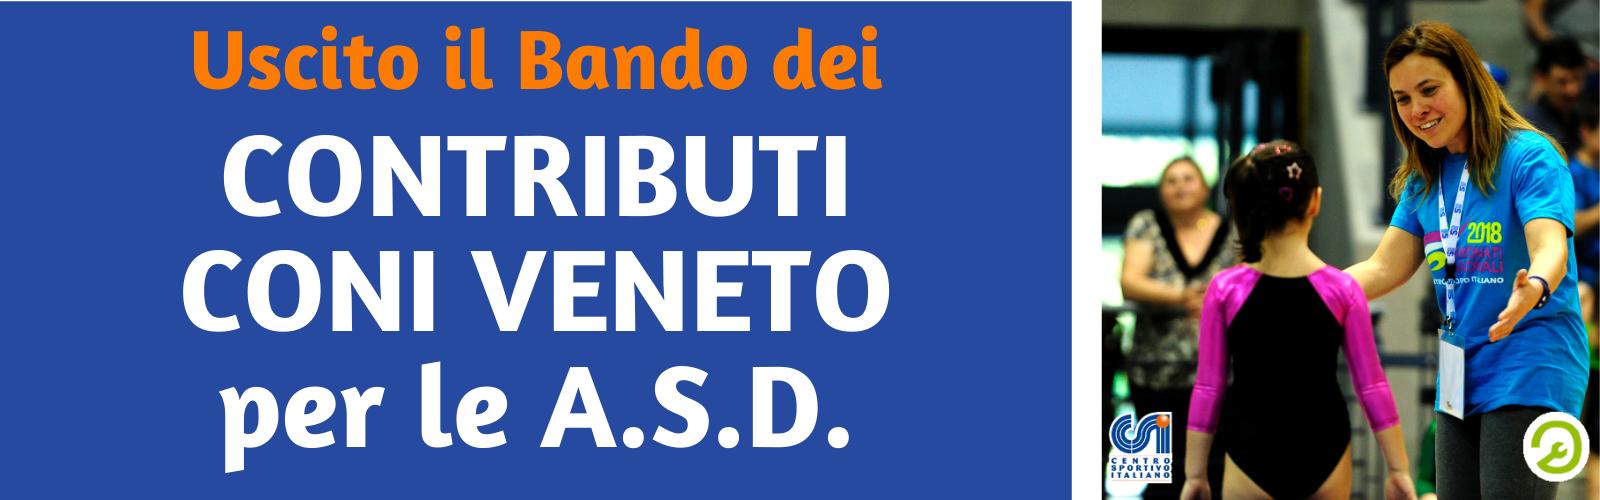 Contributi CONI alle ASD del Veneto